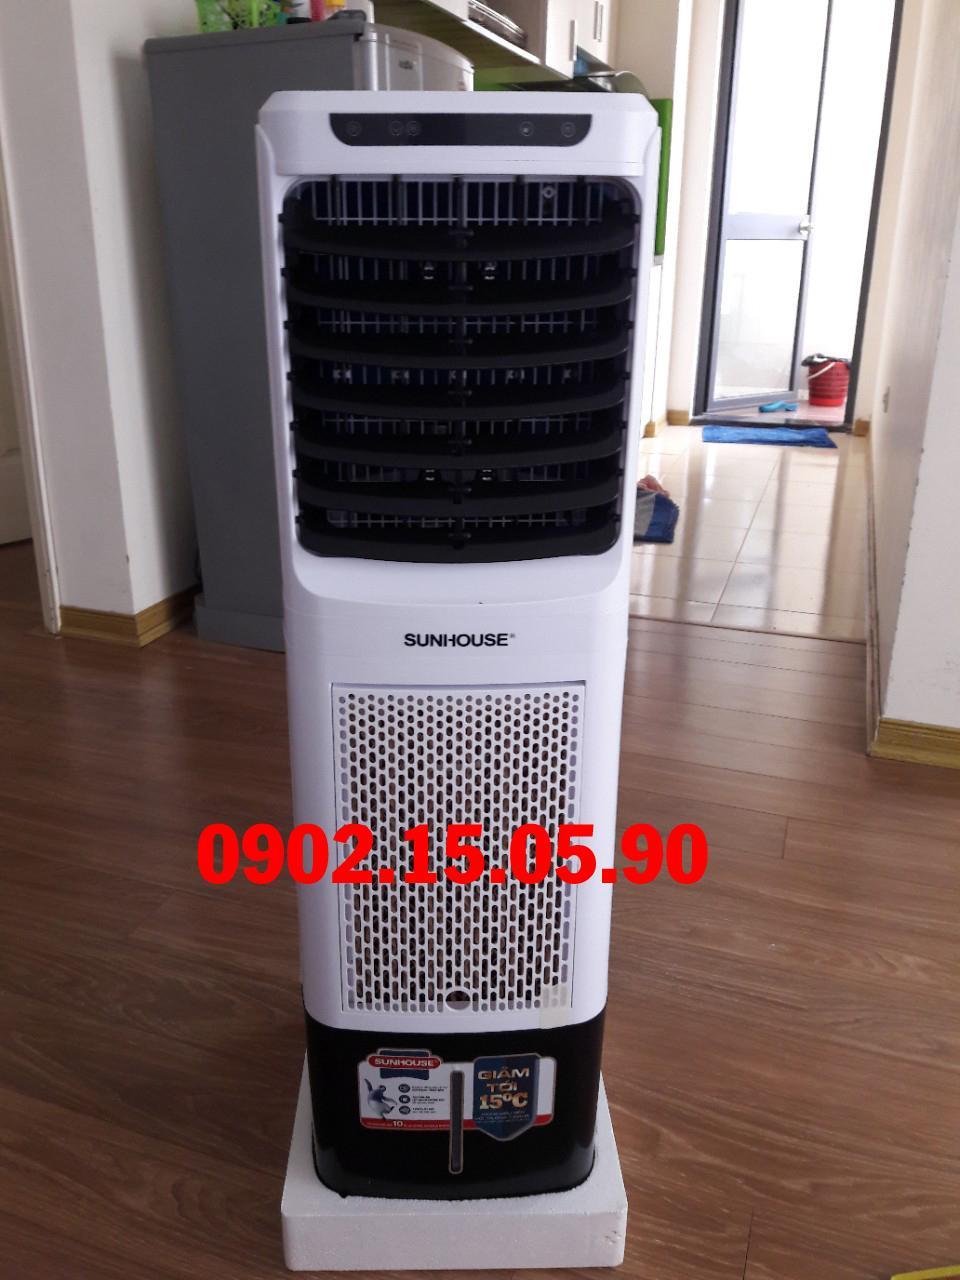 Quạt điều hòa không khí Sunhouse SHD7713, Công suất 85W, Lưu lượng gió 2000m3/h, Diện tích làm mát 20m2, Có điều khiển từ xa, Tạo ion âm lọc sạch không khí - Có ảnh, video thật,  bảo hành tại nhà